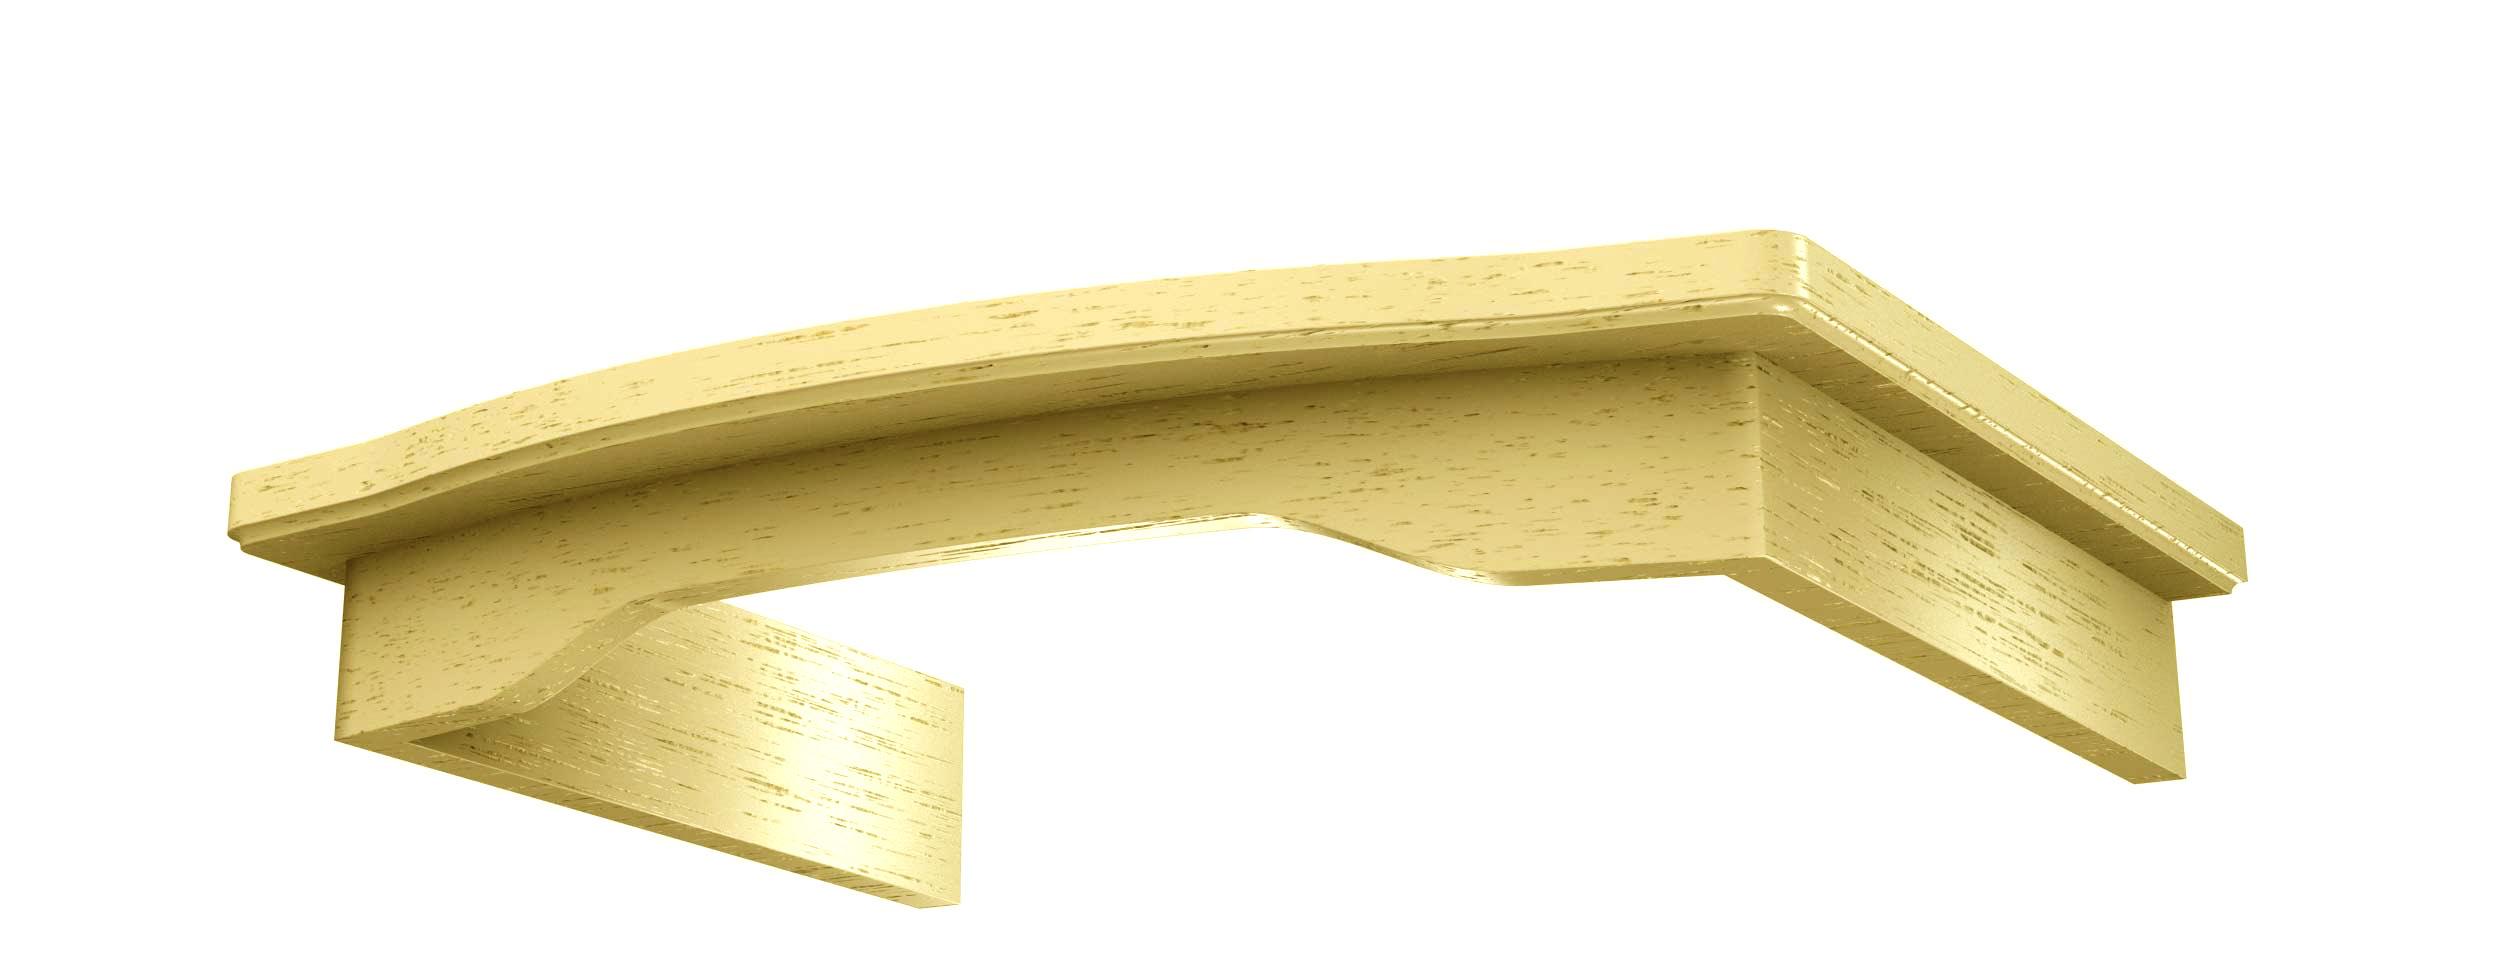 комплект багетов в упаковке для Gretta 600 CPB/7 (позит.), стоимость 5 007 руб.